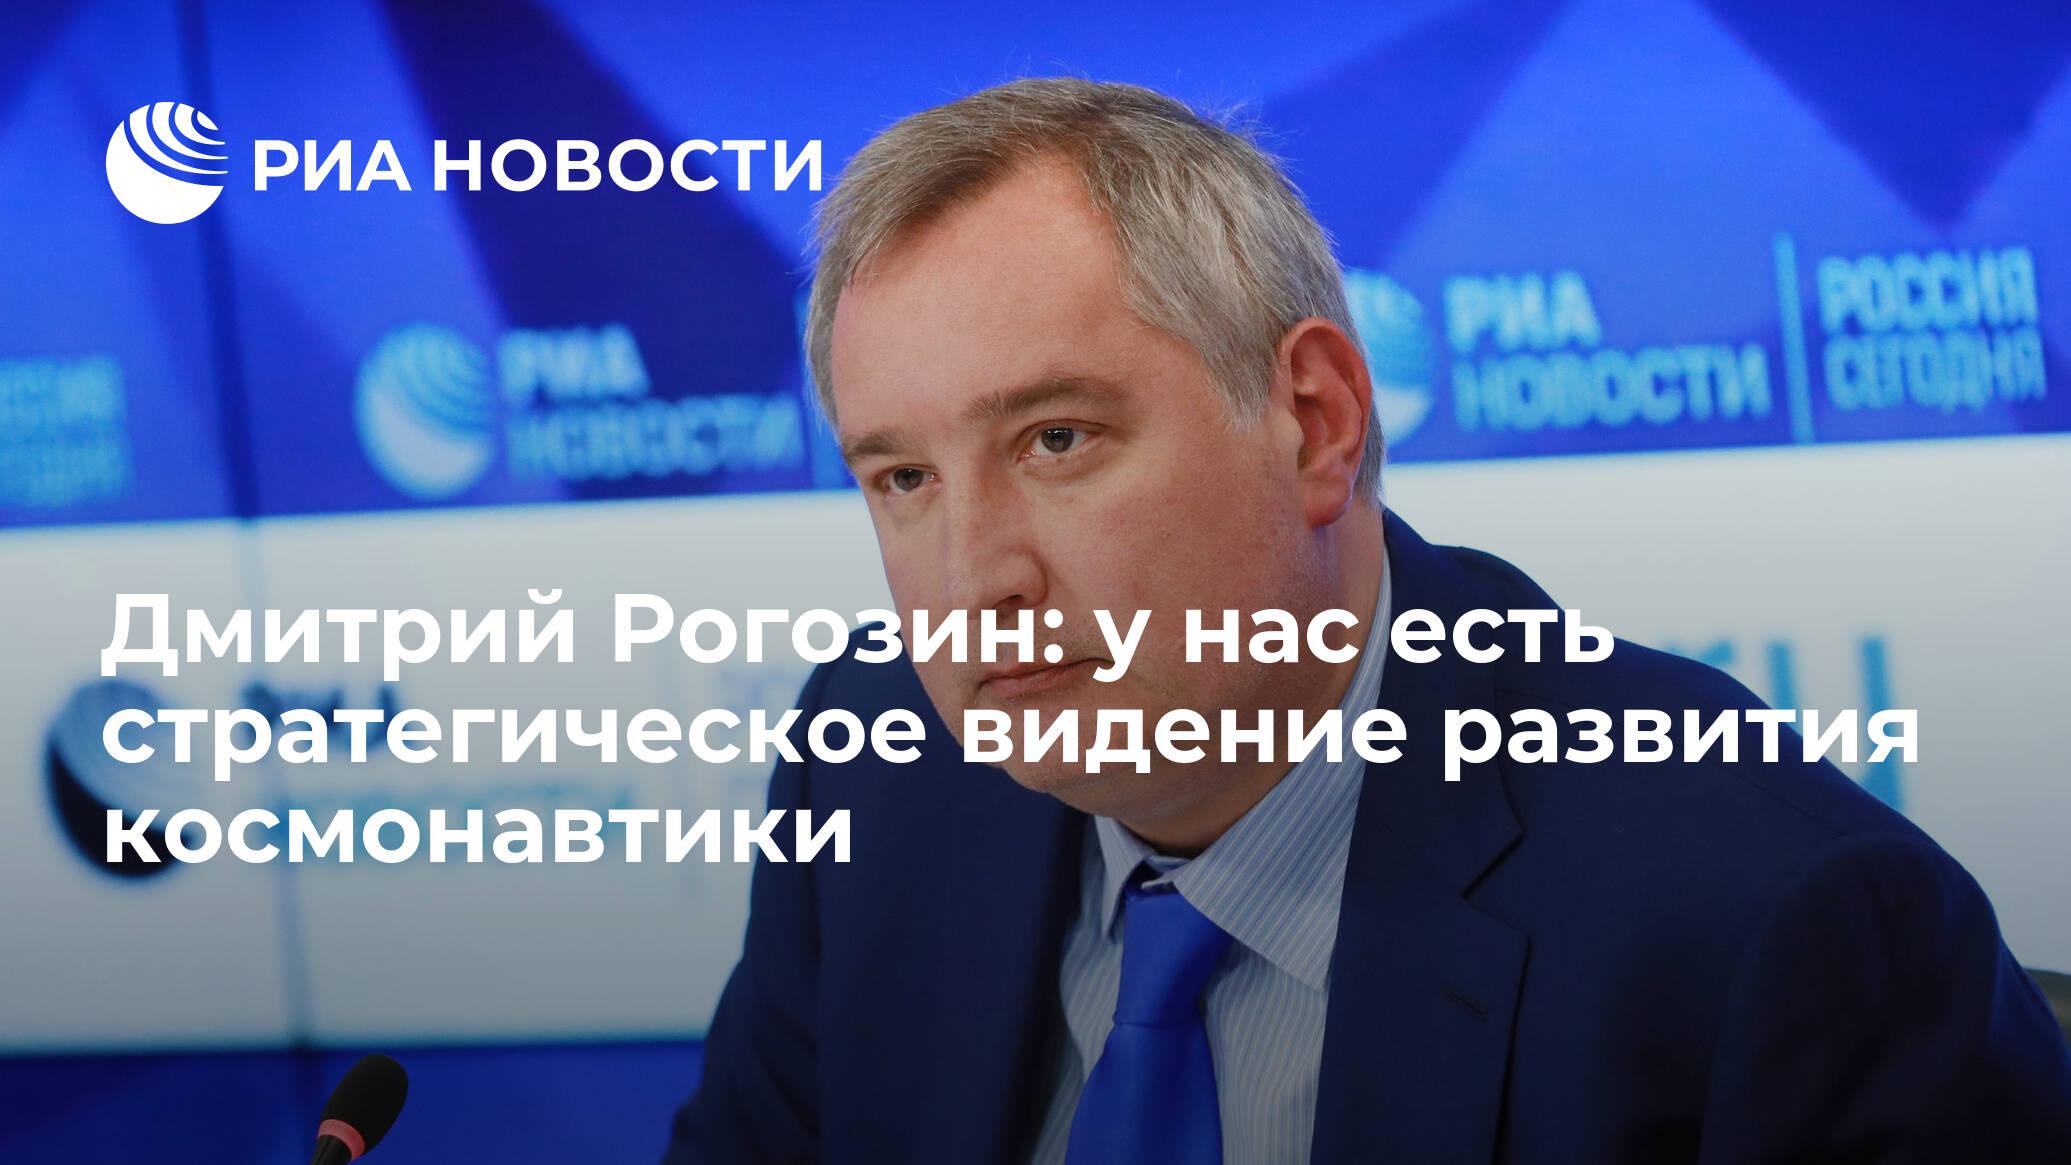 Дмитрий Рогозин: у нас есть стратегическое видение развития космонавтики